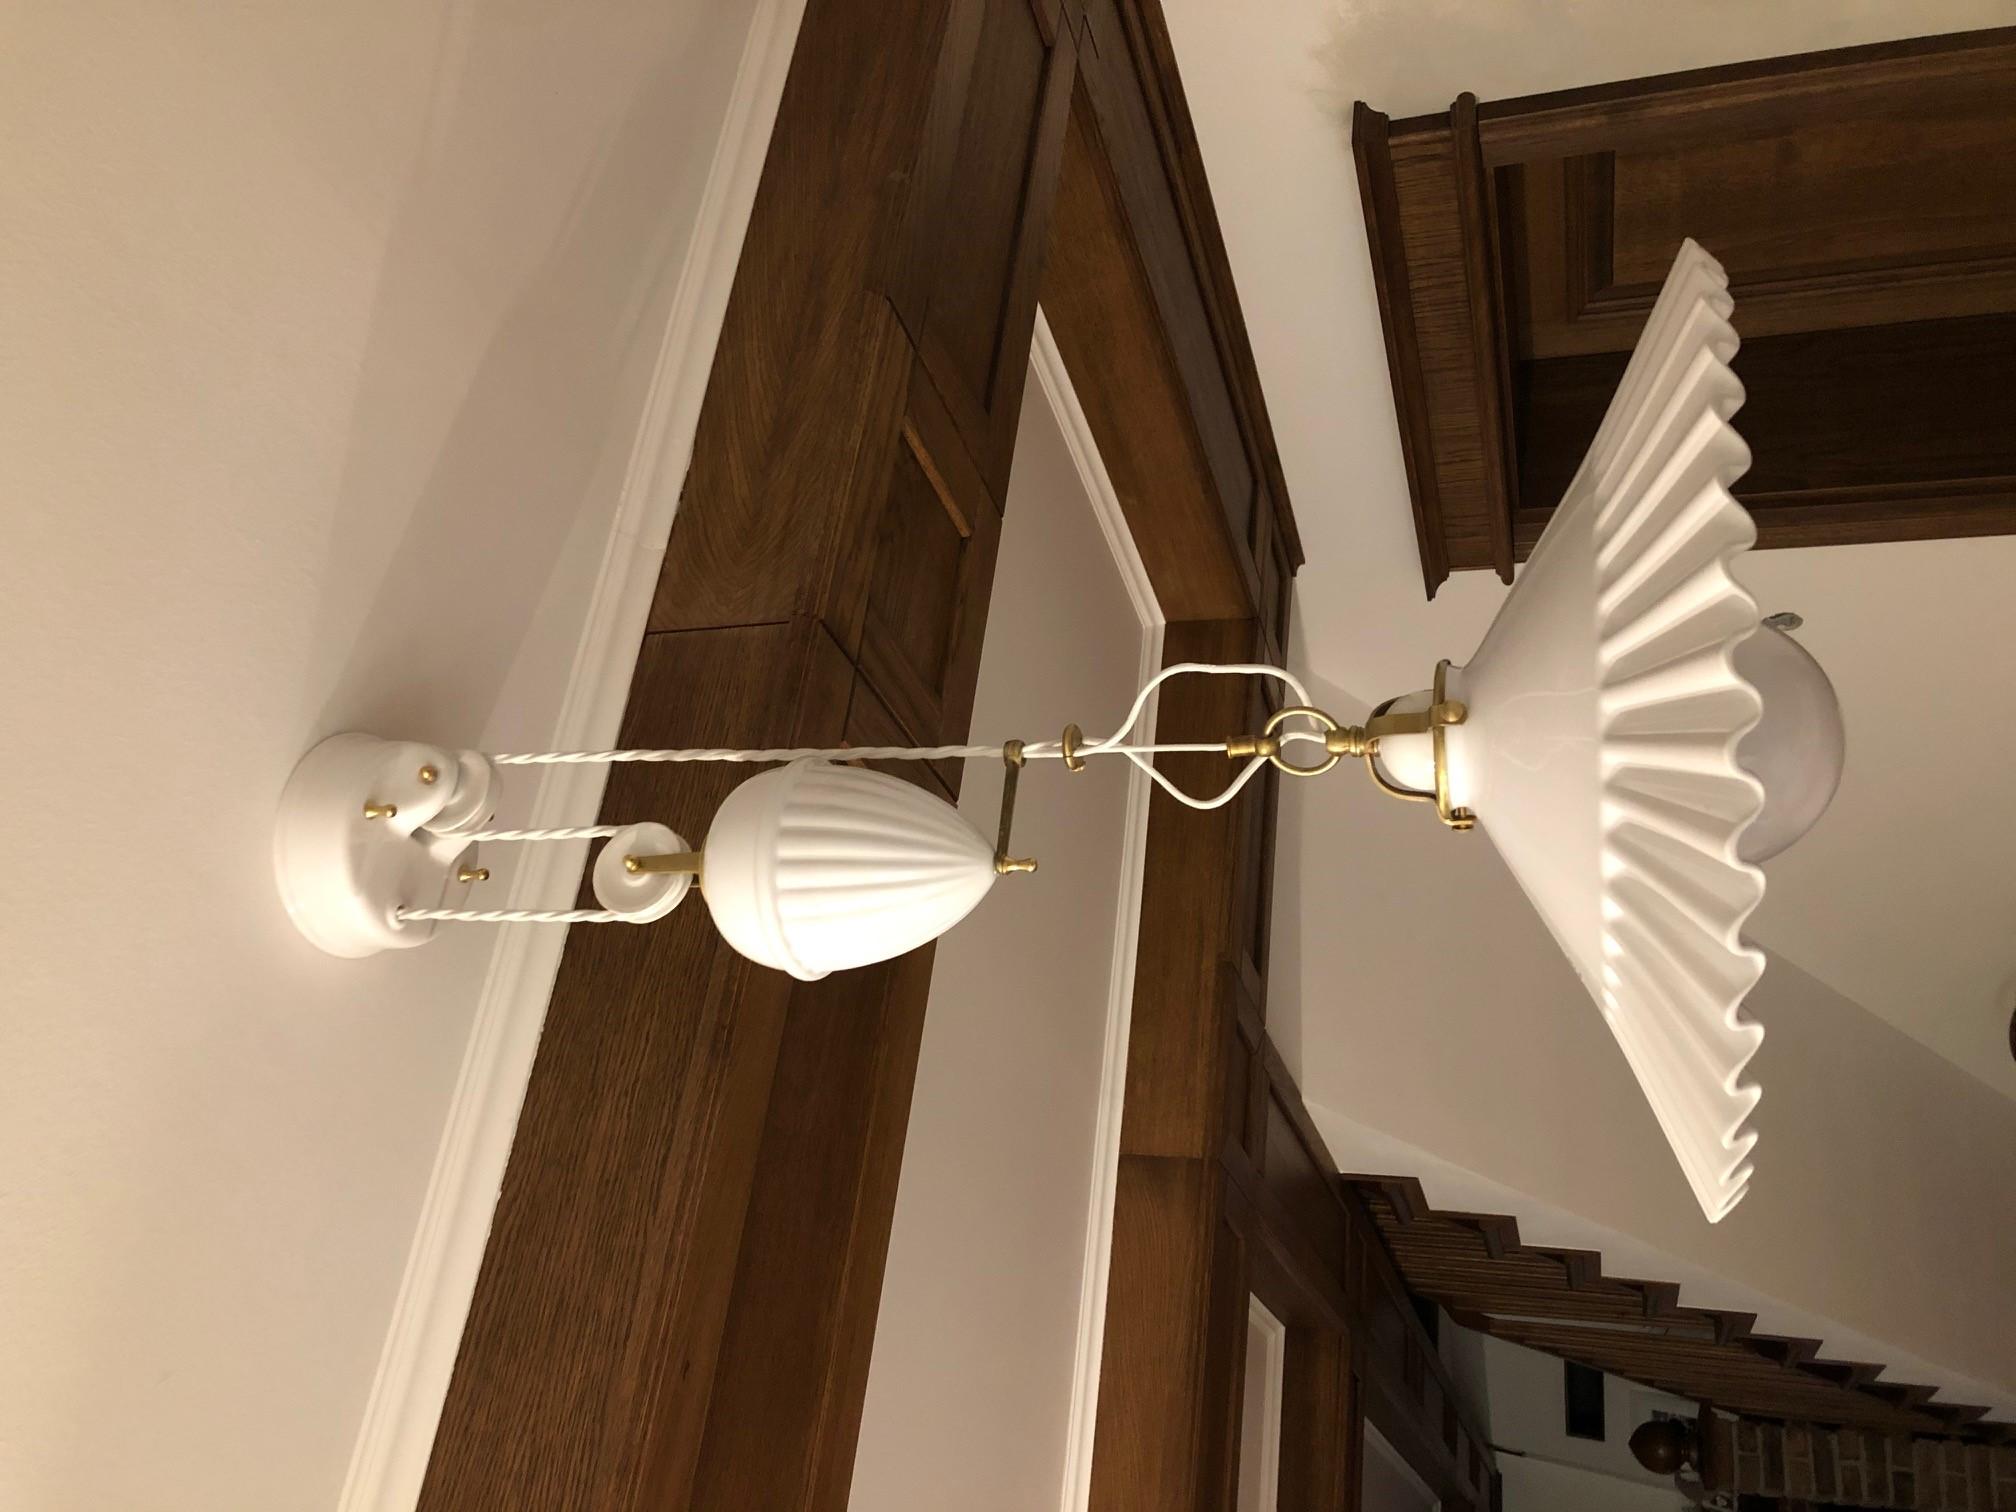 Porcelánové stahovací svítidlo s protizávažím Linea Duse